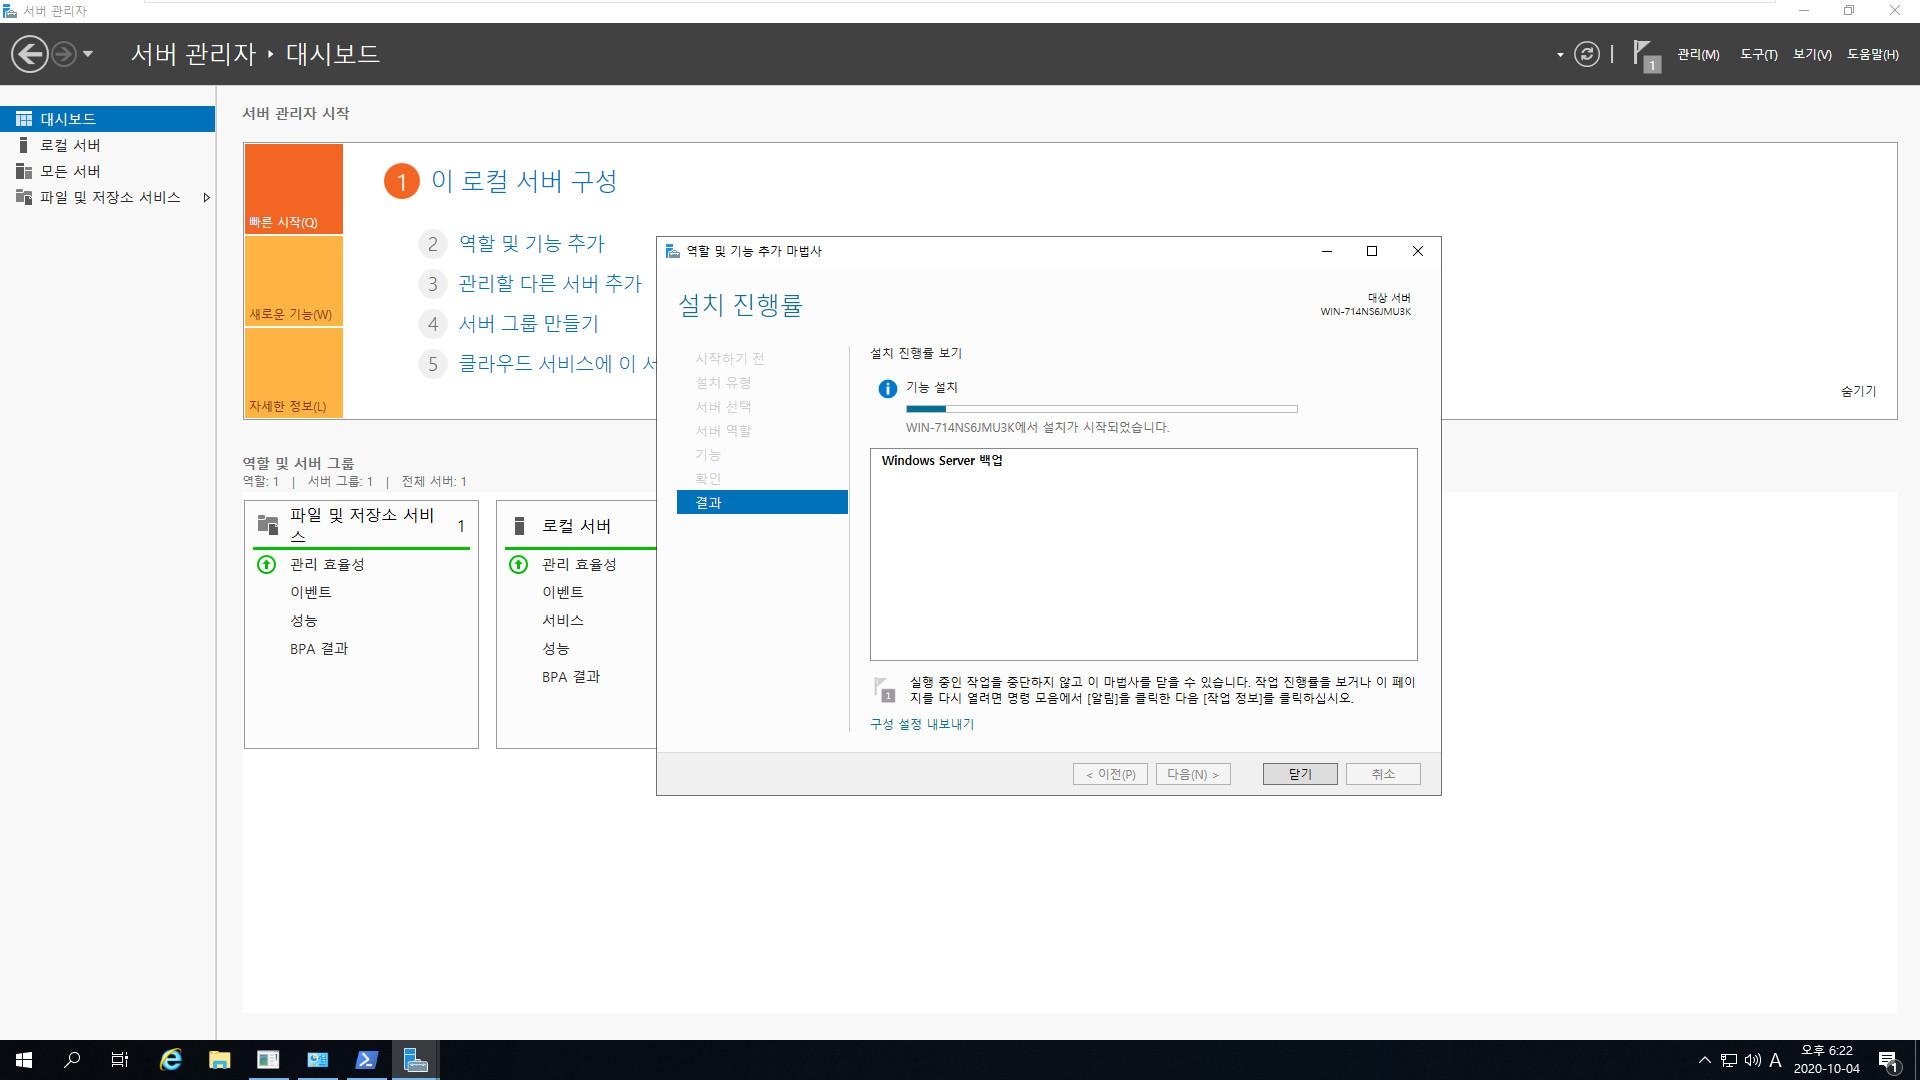 윈도우 서버군은 윈도우 사용중에도 자체 WBadmin 명령으로 윈도우 복구를 합니다 - Windows Server 2019로 복구 테스트 2020-10-04_182220.jpg